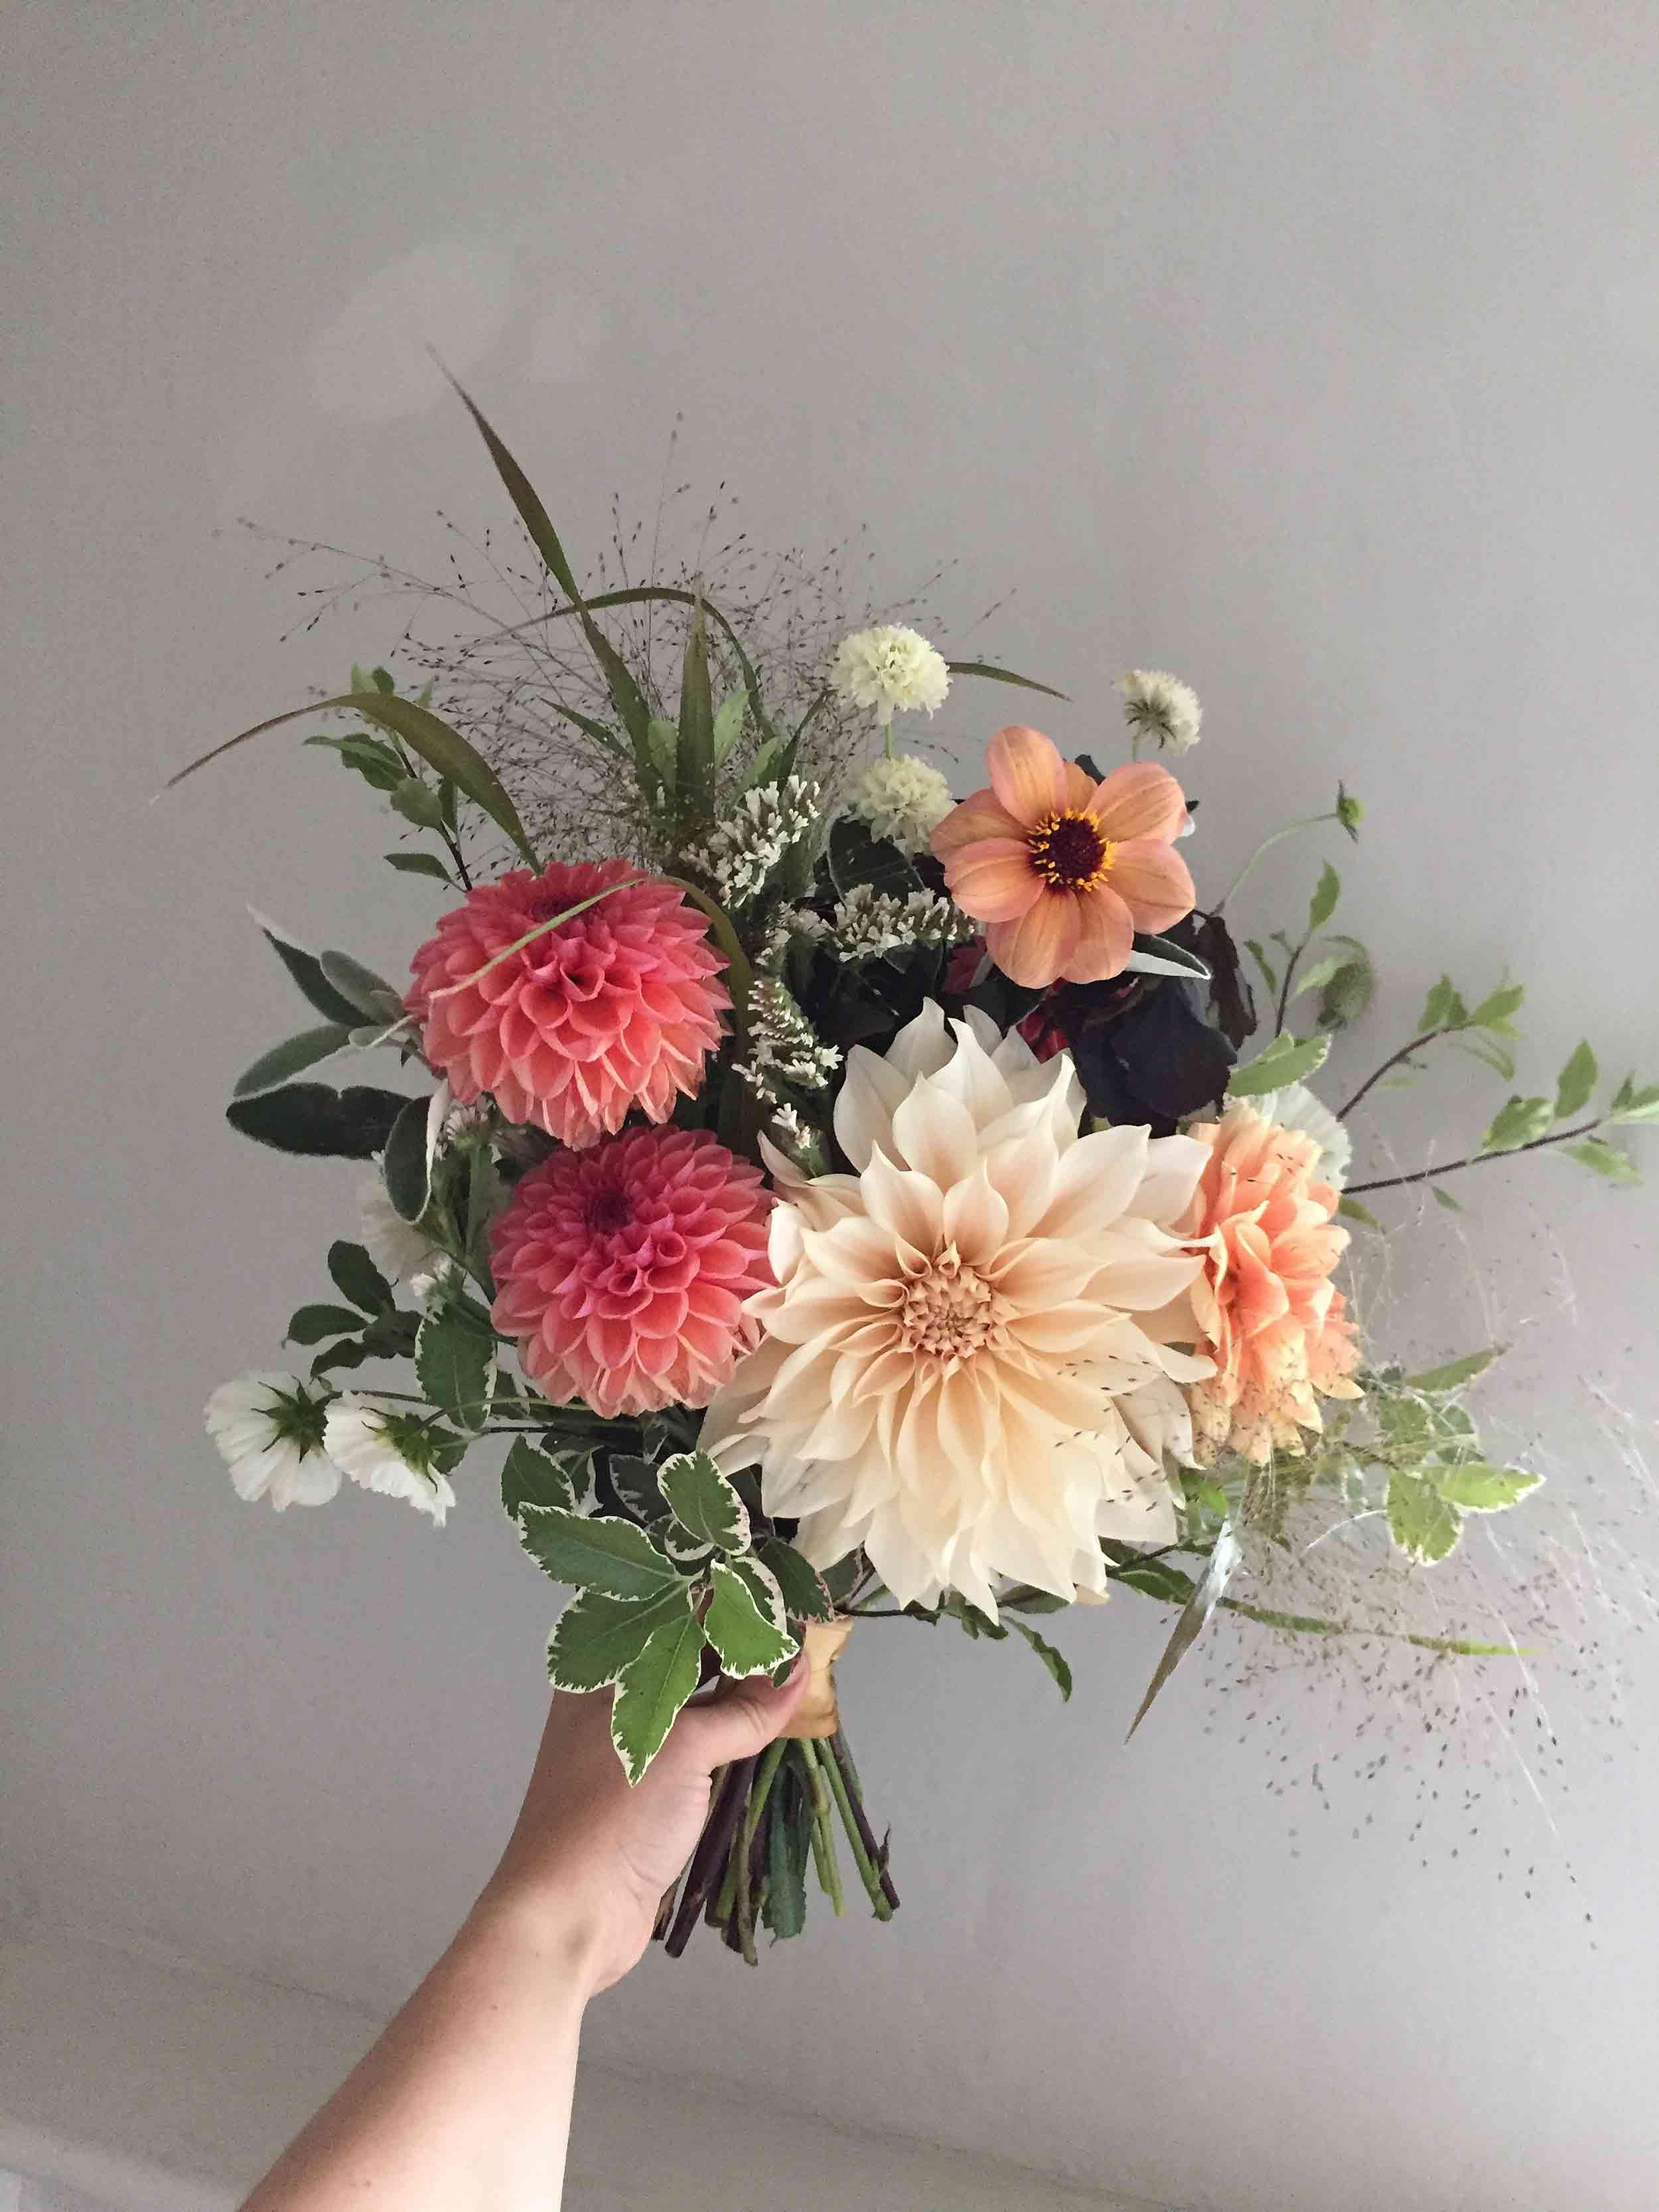 lunaria_wedding_flowers_somerset_UK_30.jpg